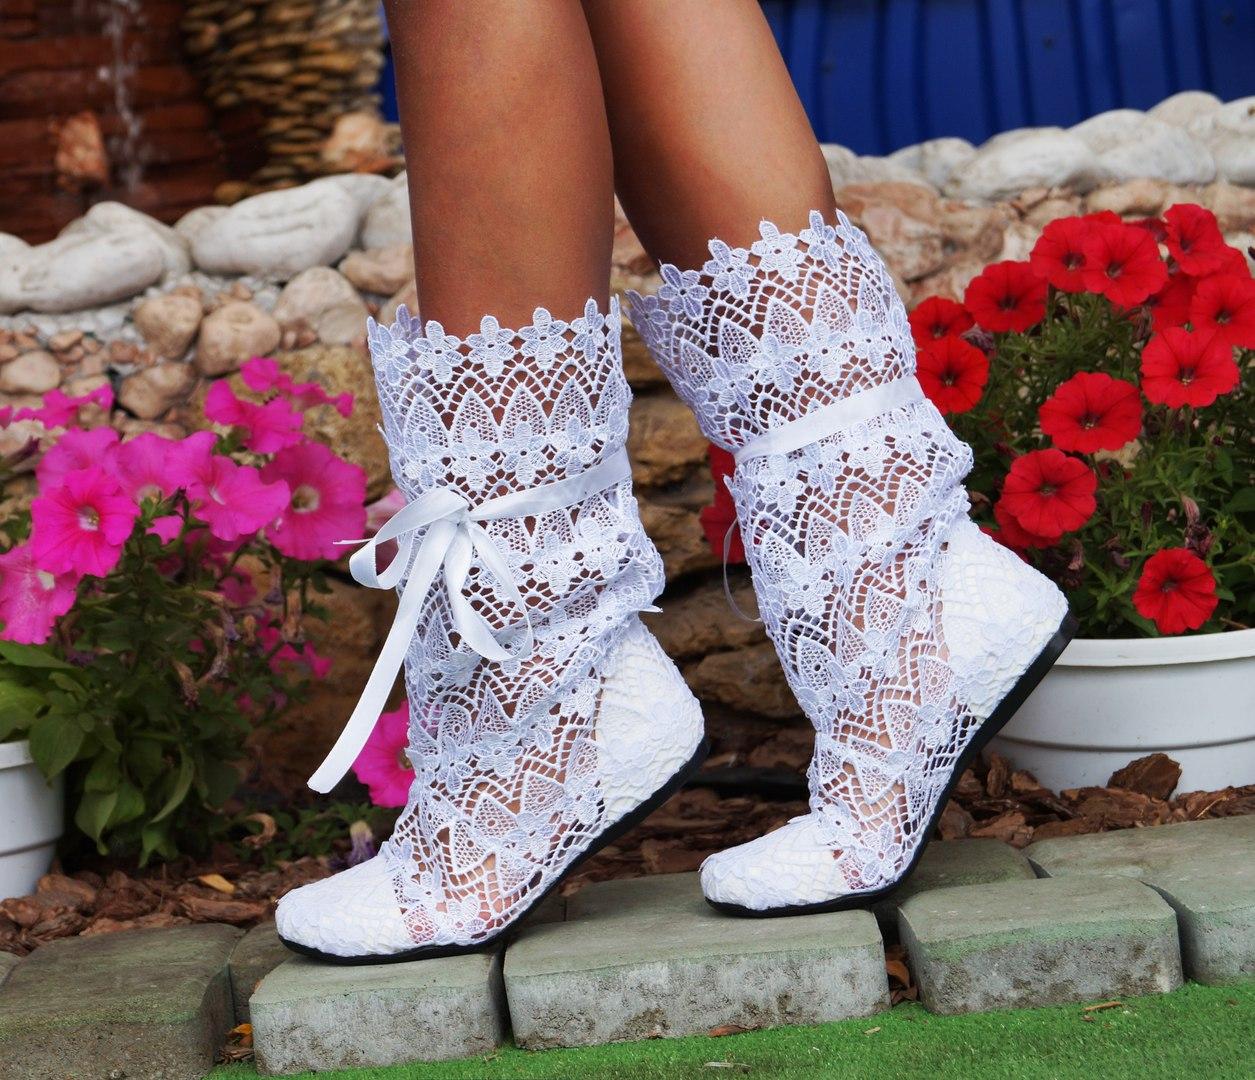 Обувь, которая выдает в девушке провинциалку